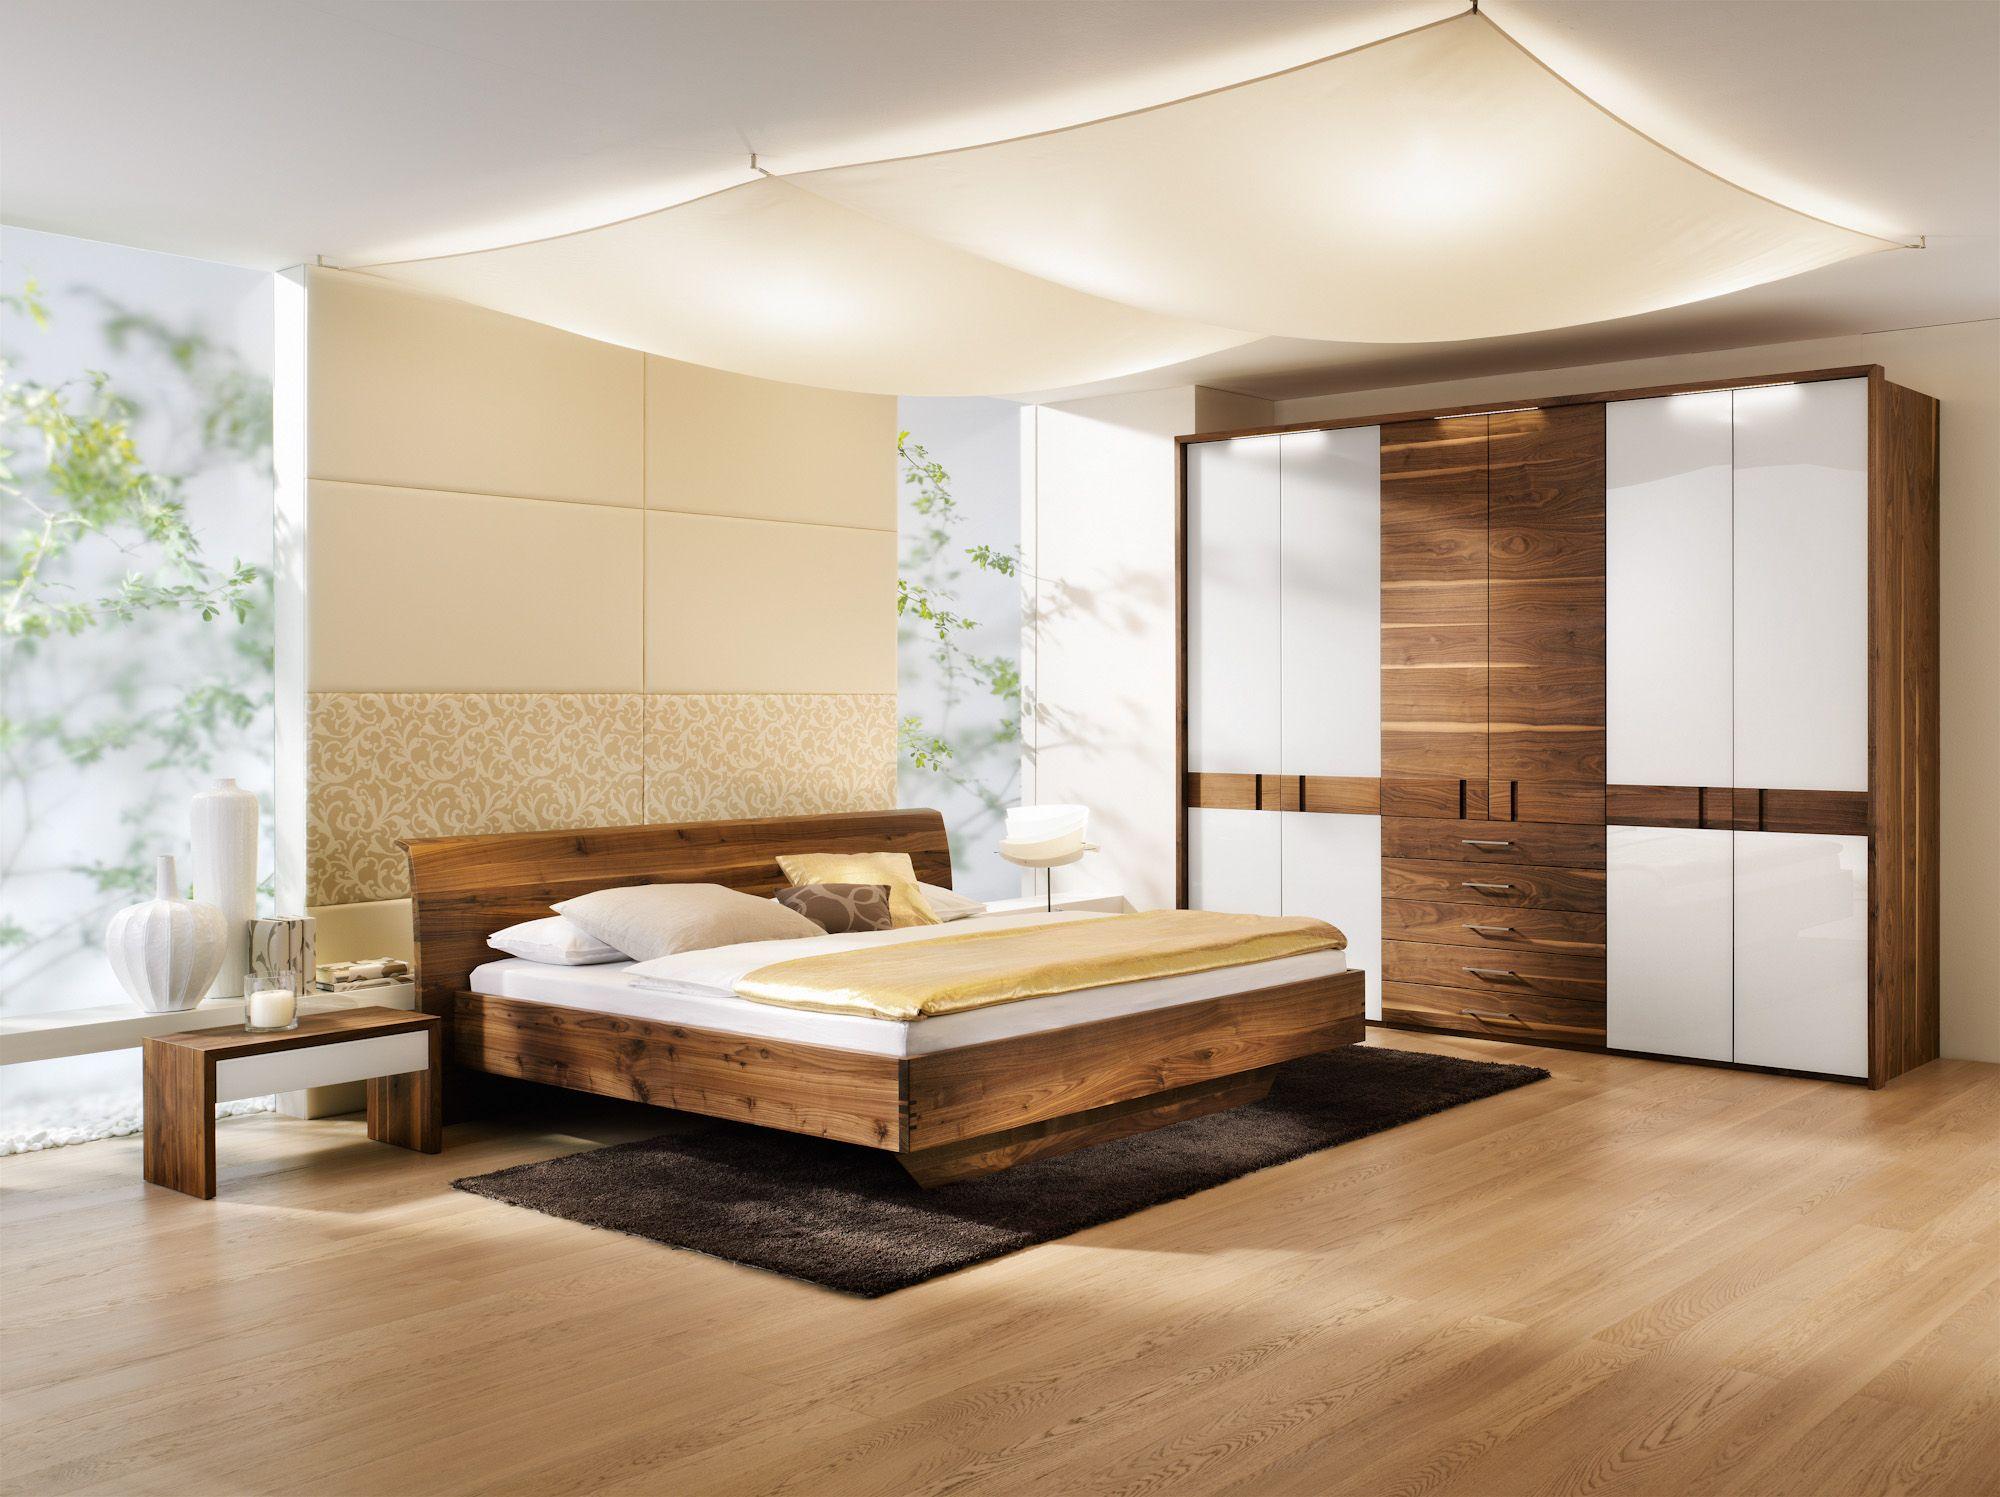 Schlafzimmer Kleiderschrank Doppelbett Nachttische